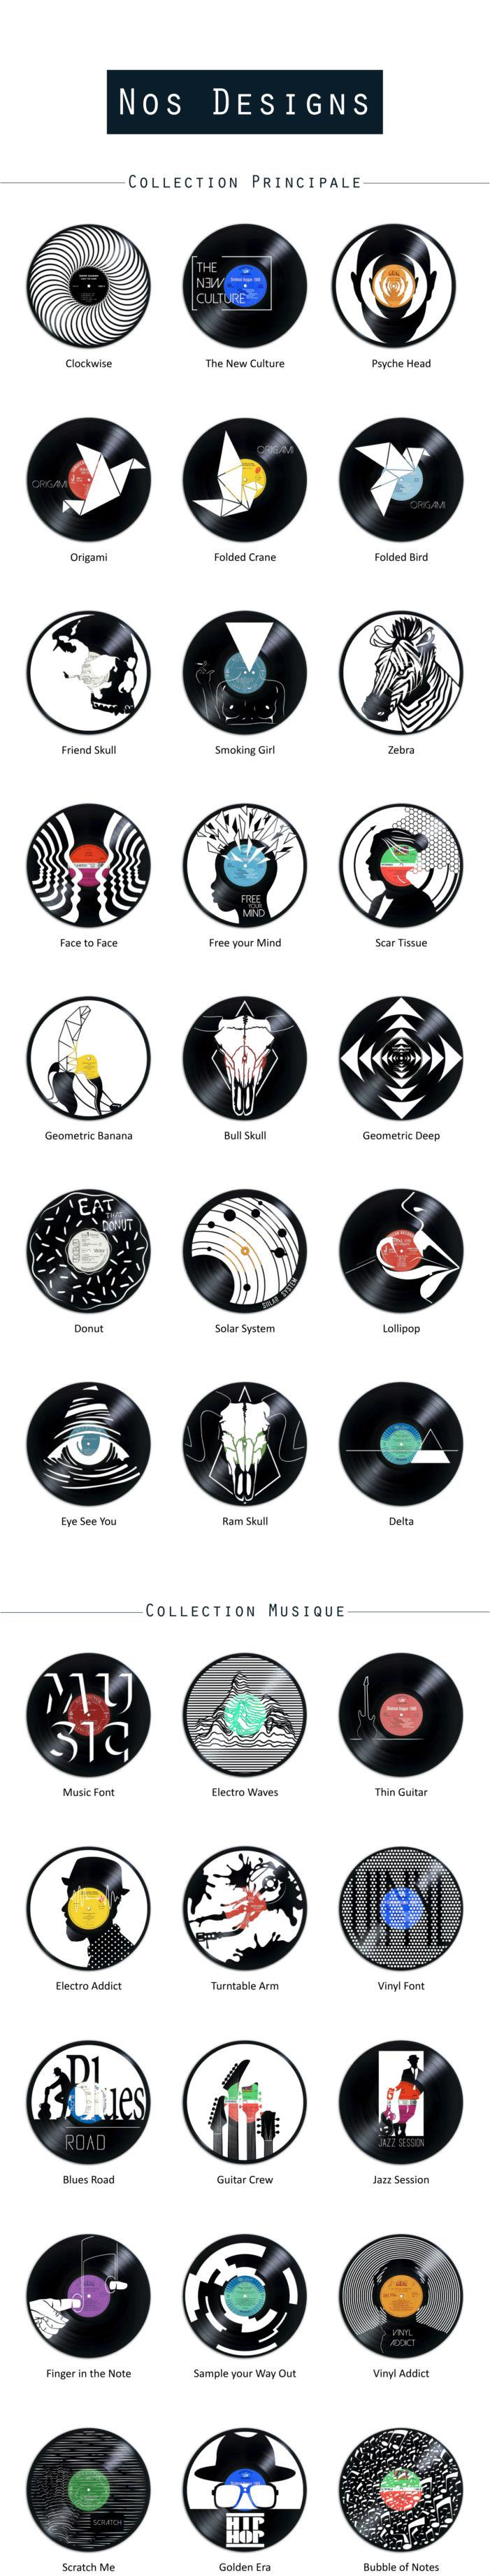 designs découpés sur disques vinyles hs